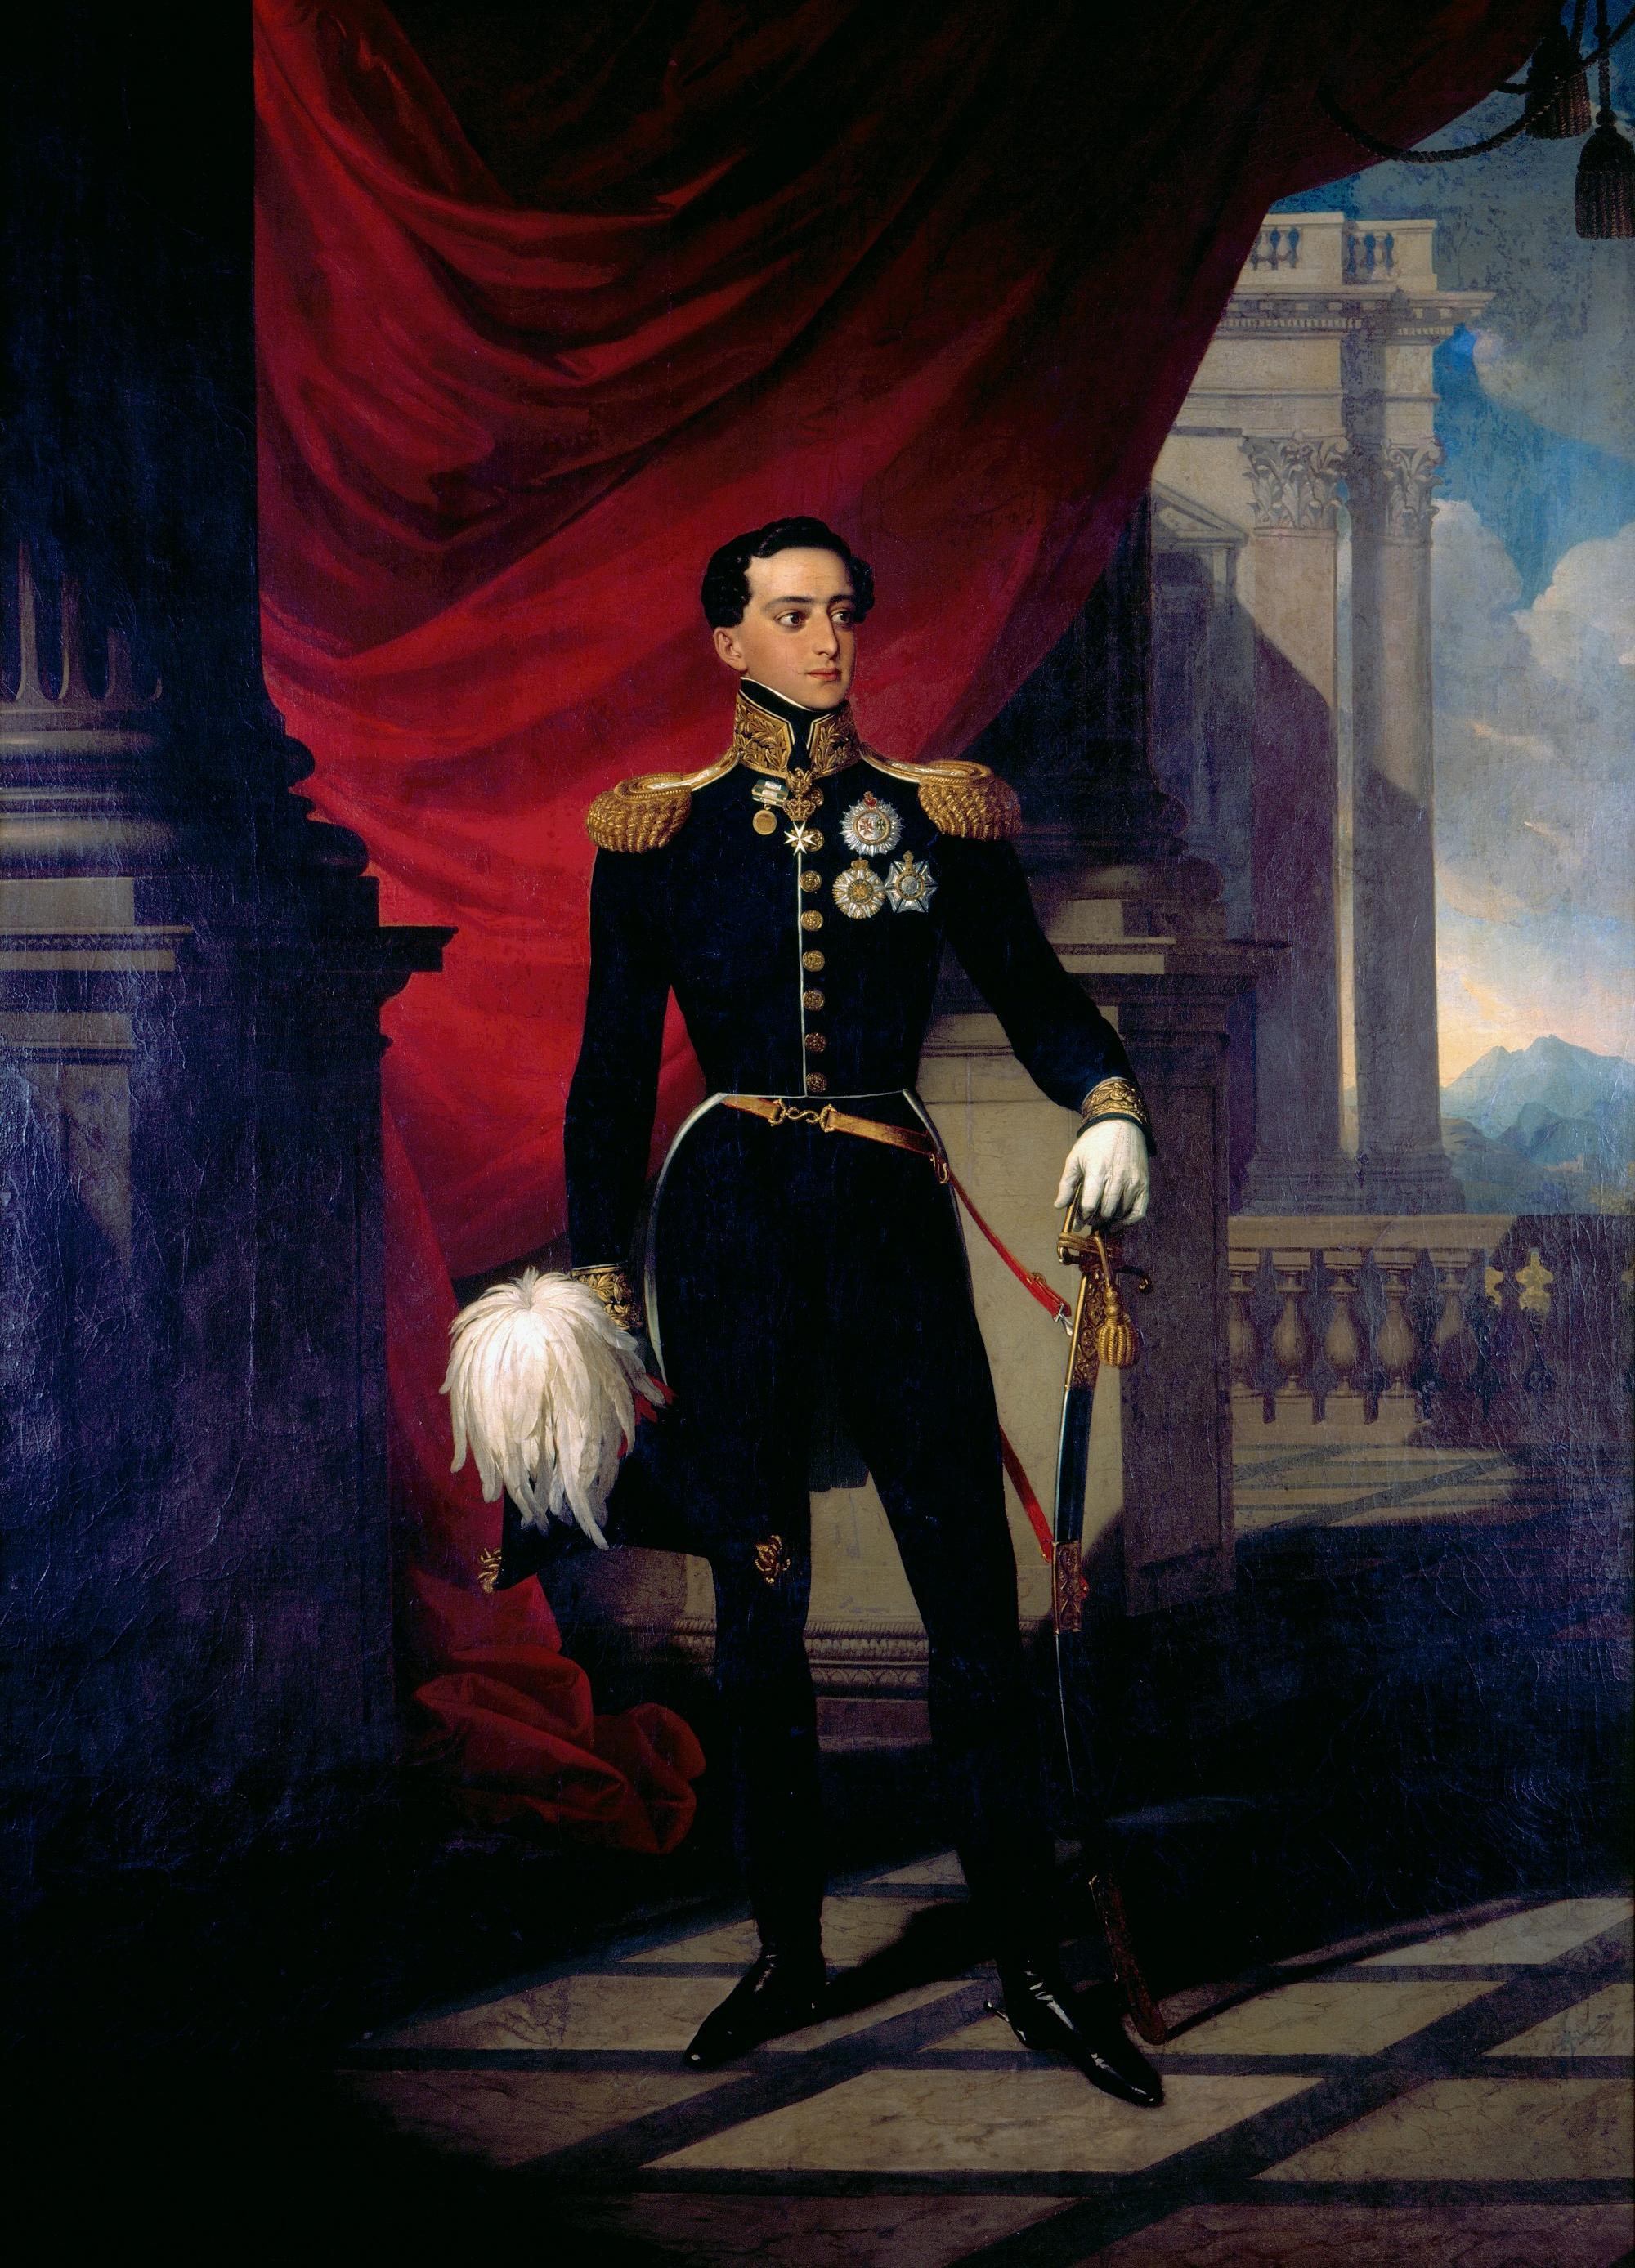 Reinado de D. Miguel I. 1828-1834.